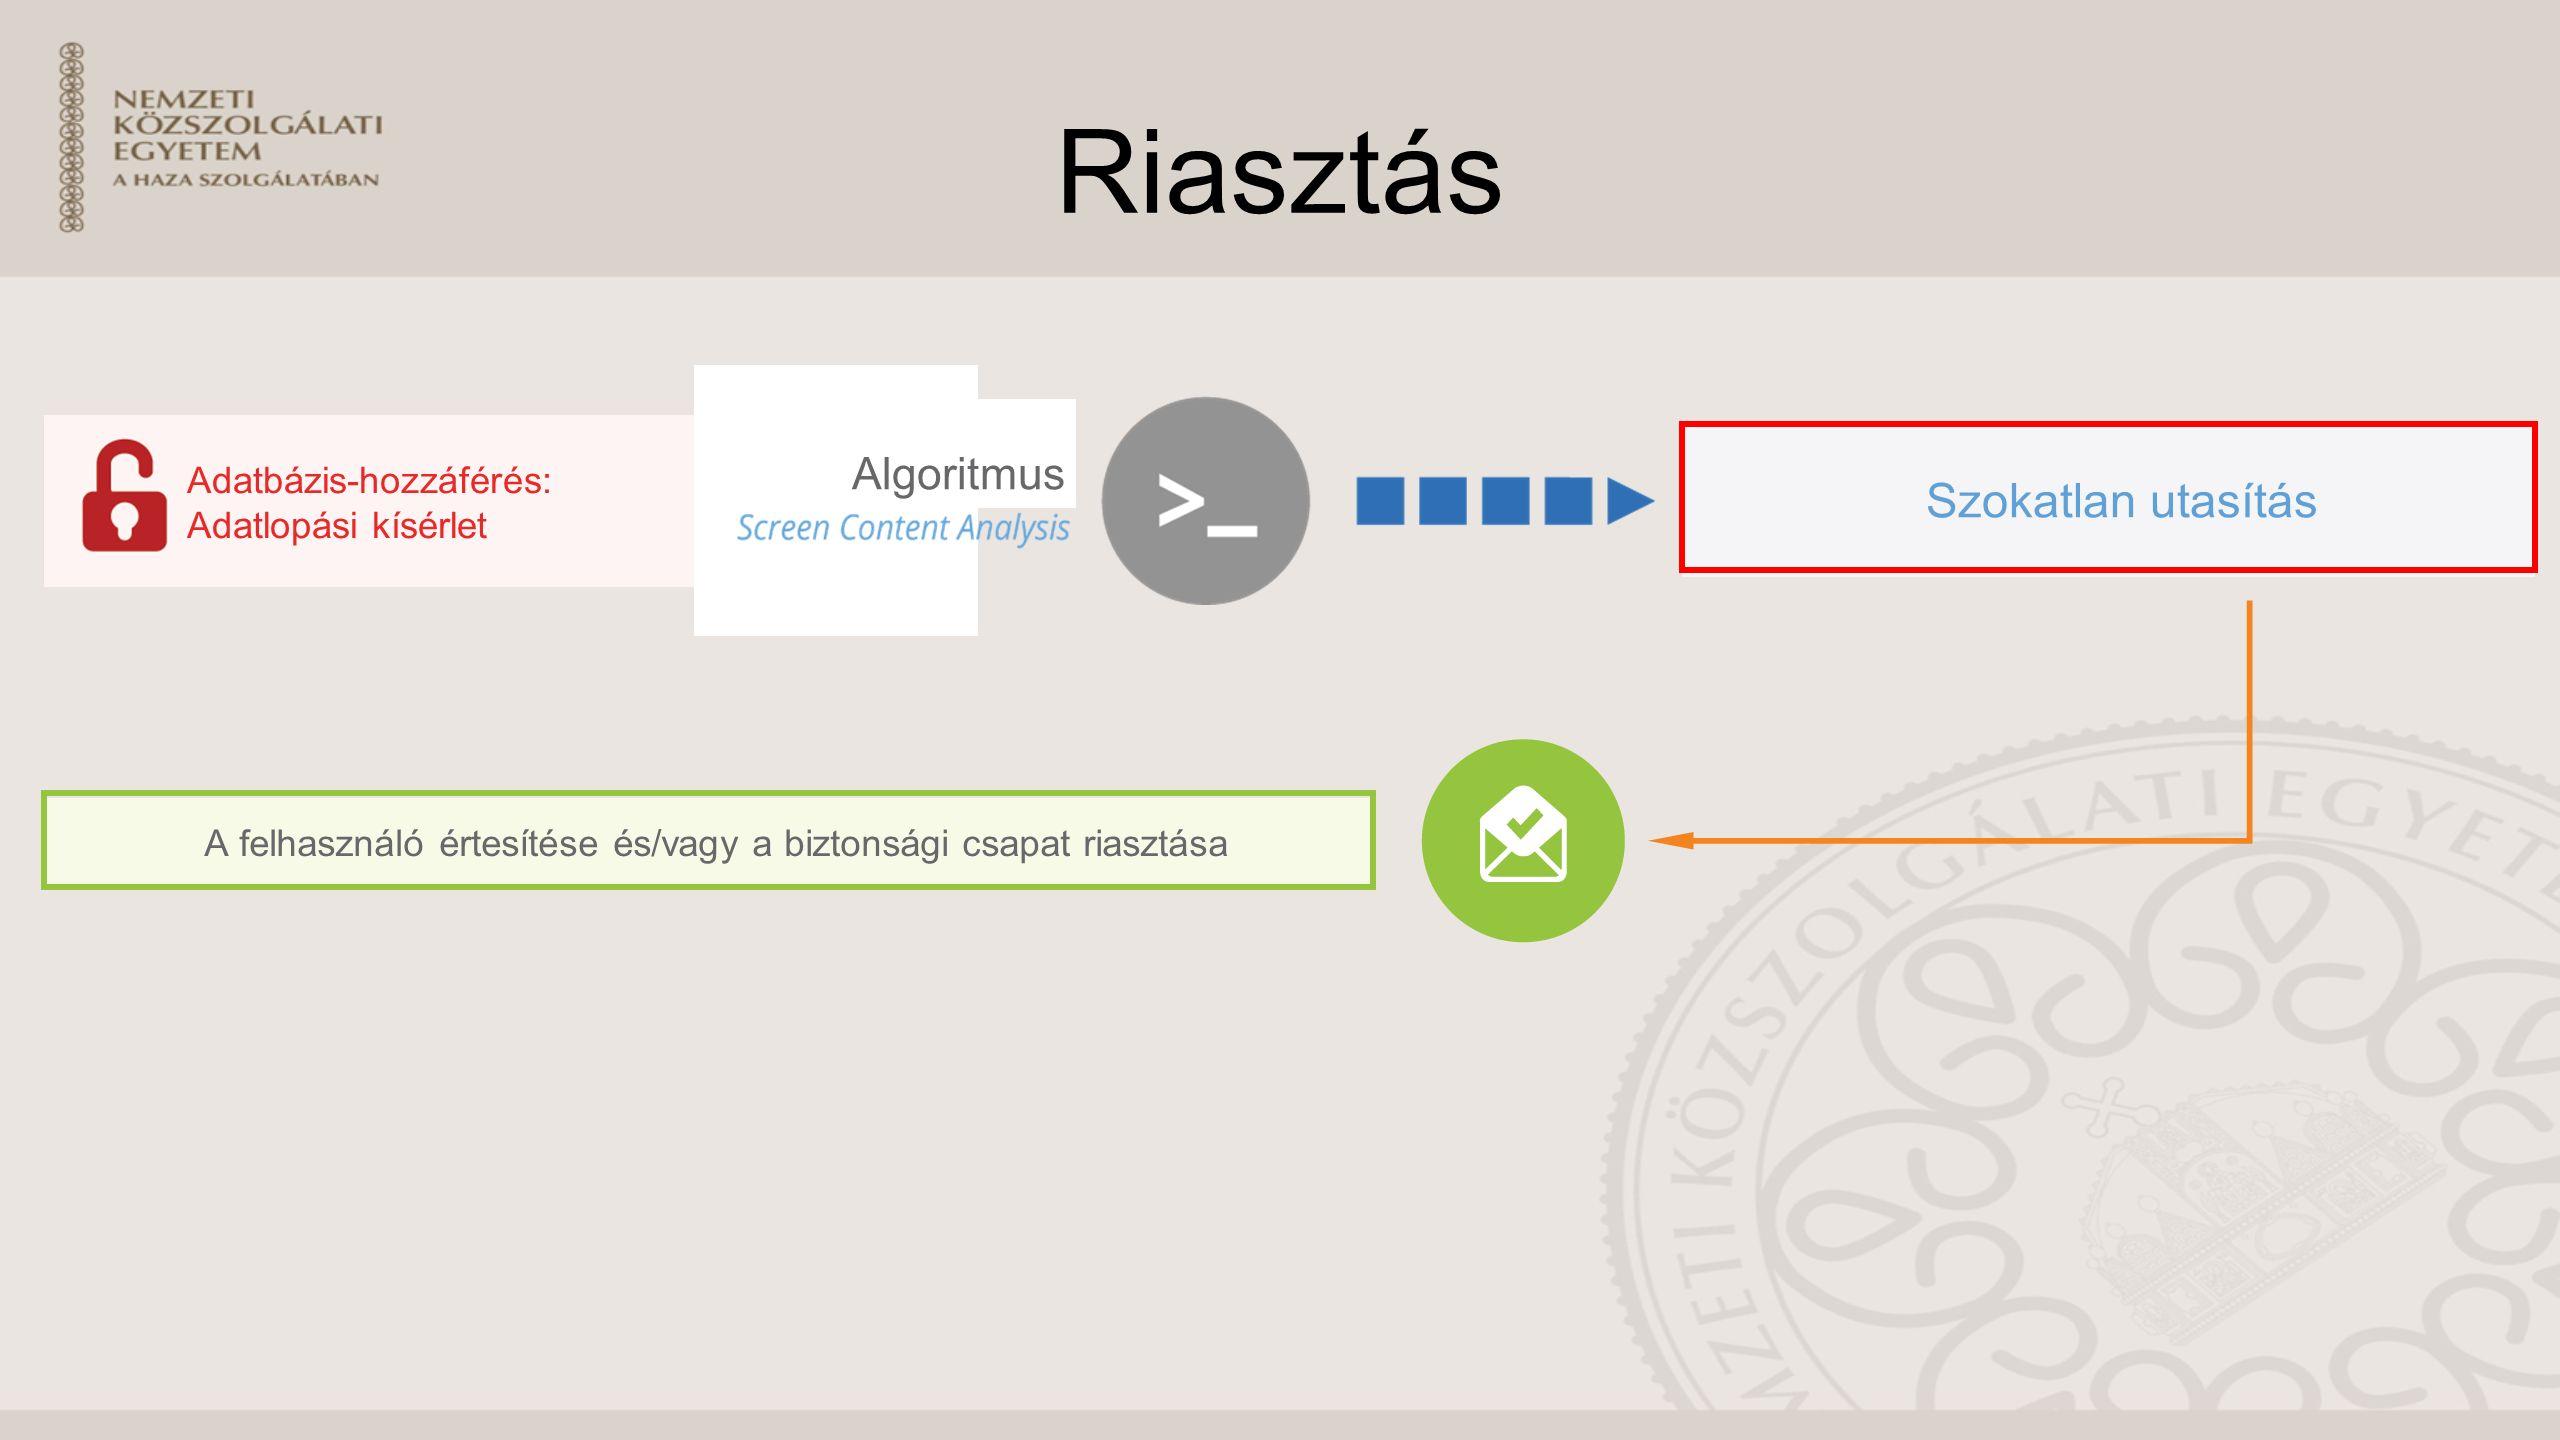 Riasztás Szokatlan utasítás Adatbázis-hozzáférés: Adatlopási kísérlet Algoritmus A felhasználó értesítése és/vagy a biztonsági csapat riasztása